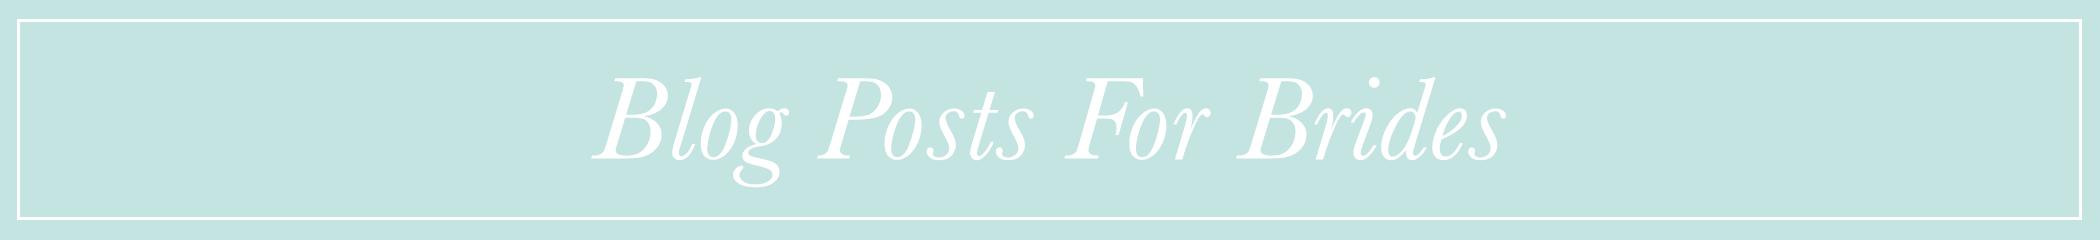 Blog Post Tips For Brides Banner.png